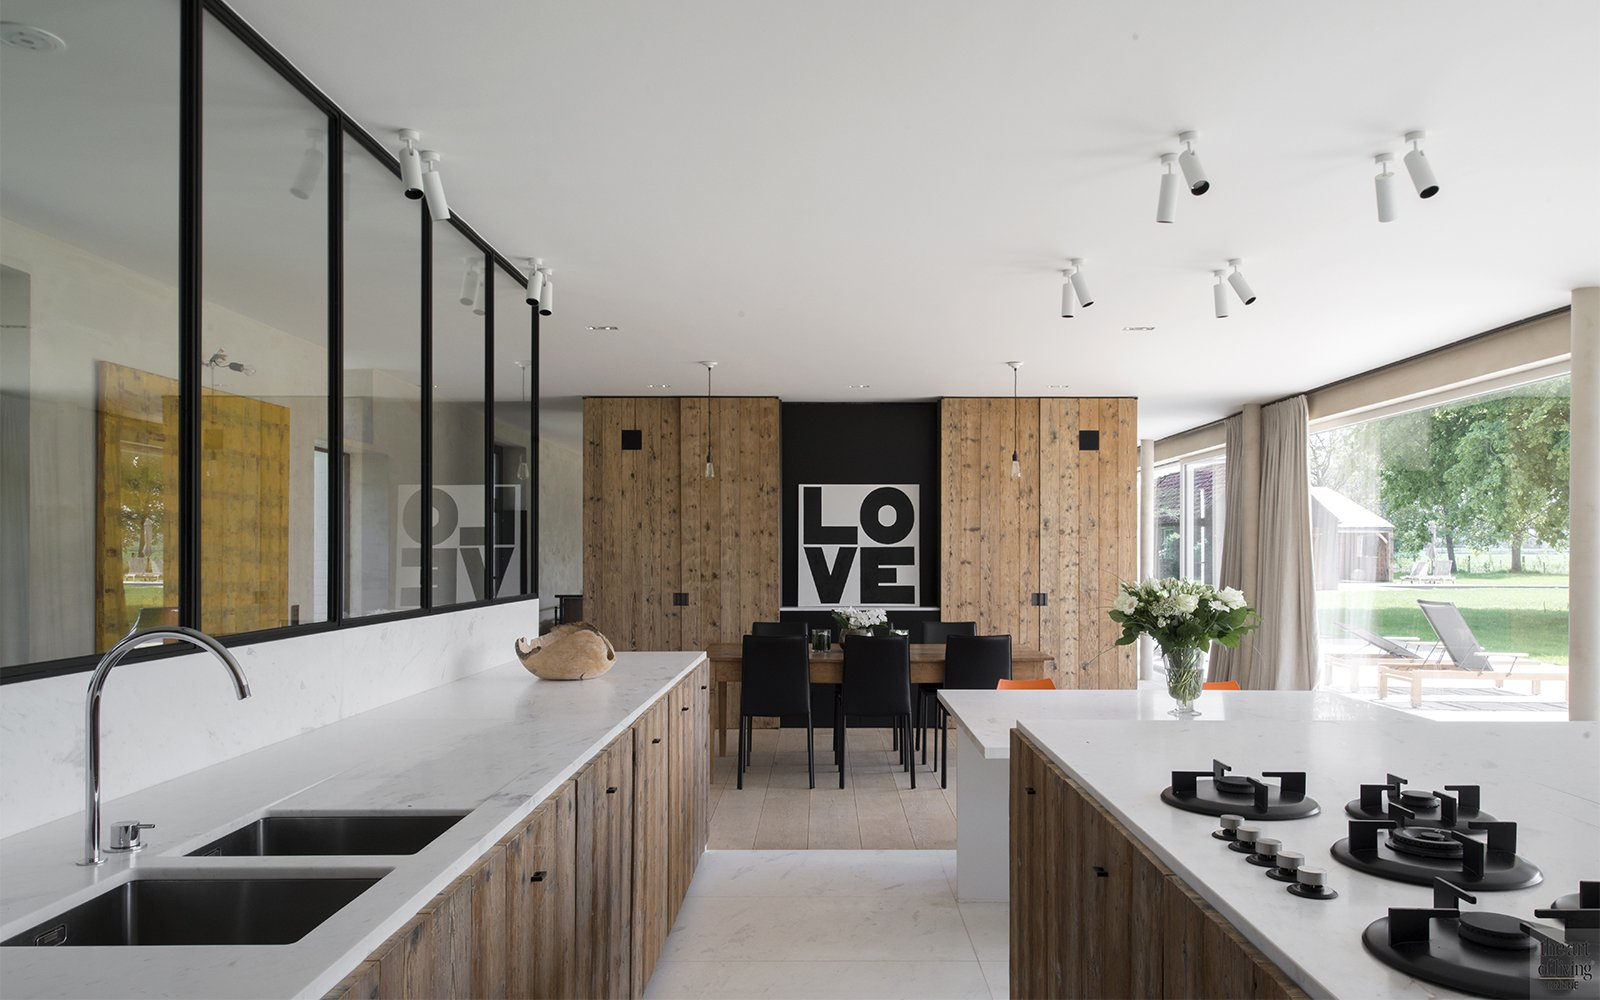 Landelijk Moderne Keukens : Landelijk moderne keuken glenn reynaert the art of living be